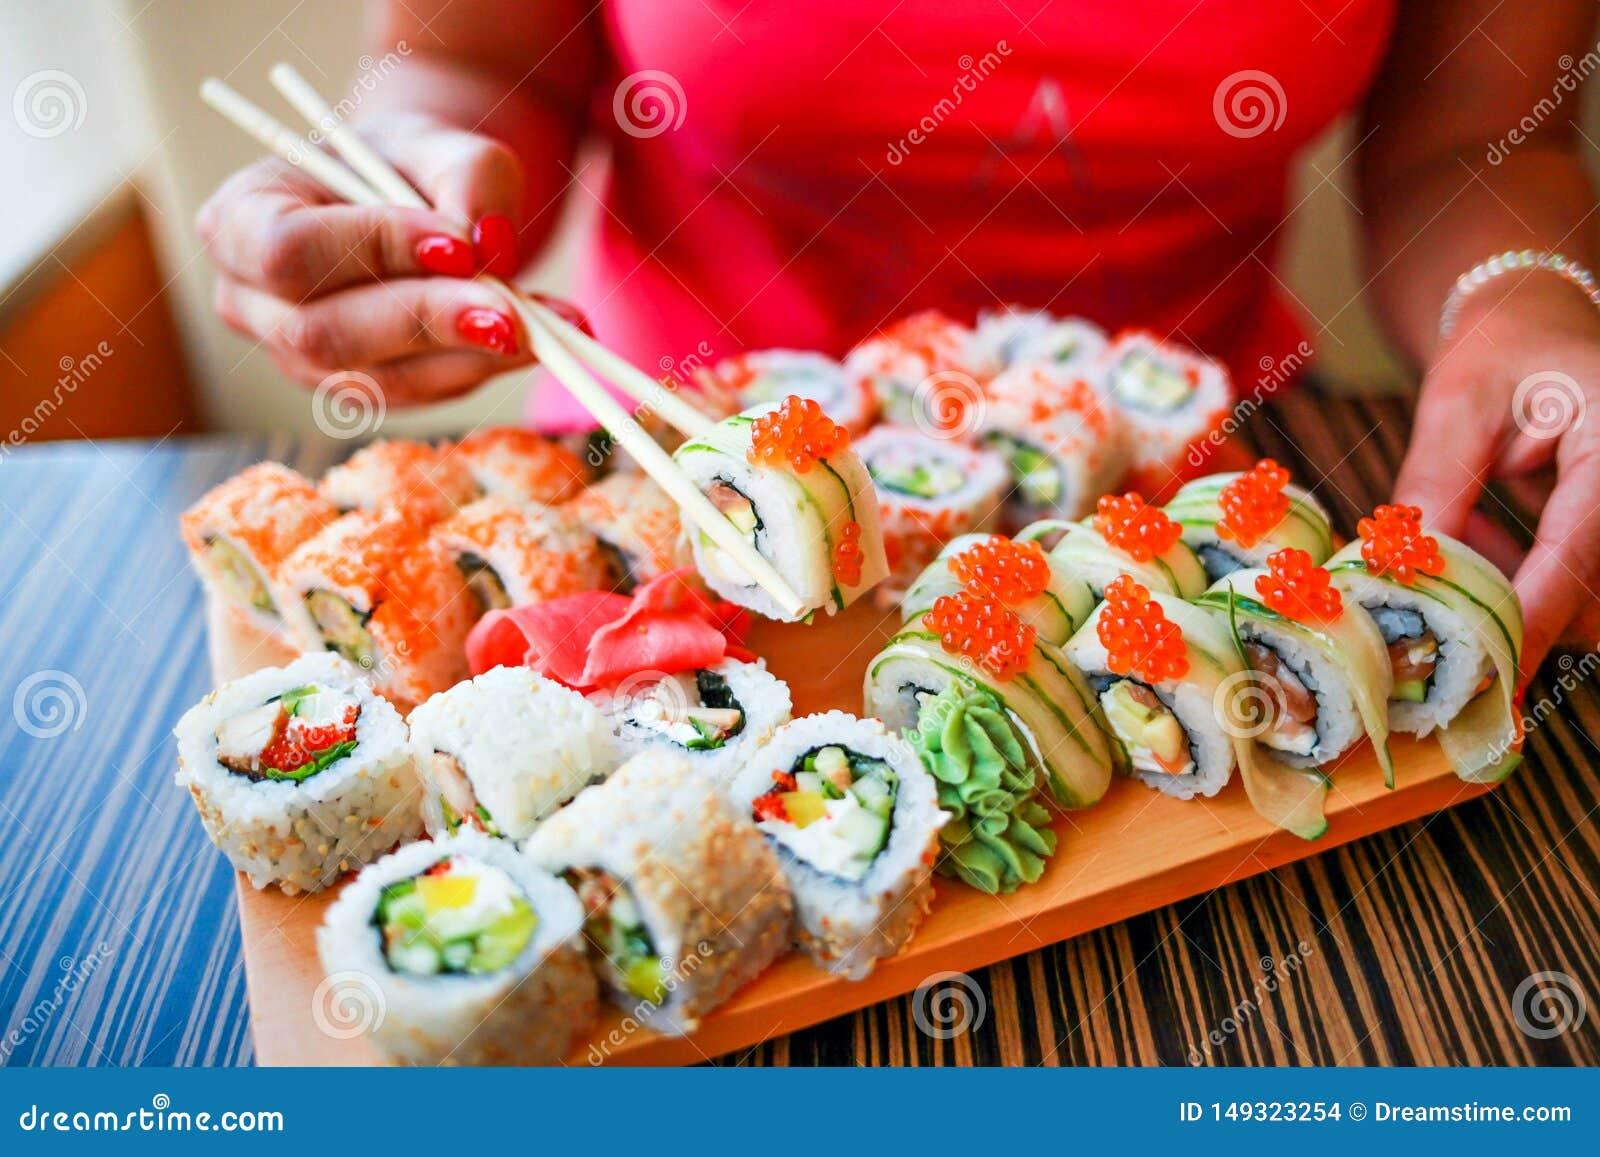 La ragazza con le mani ben curato tiene i bastoncini per i sushi La ragazza mangia un grande insieme dei sushi